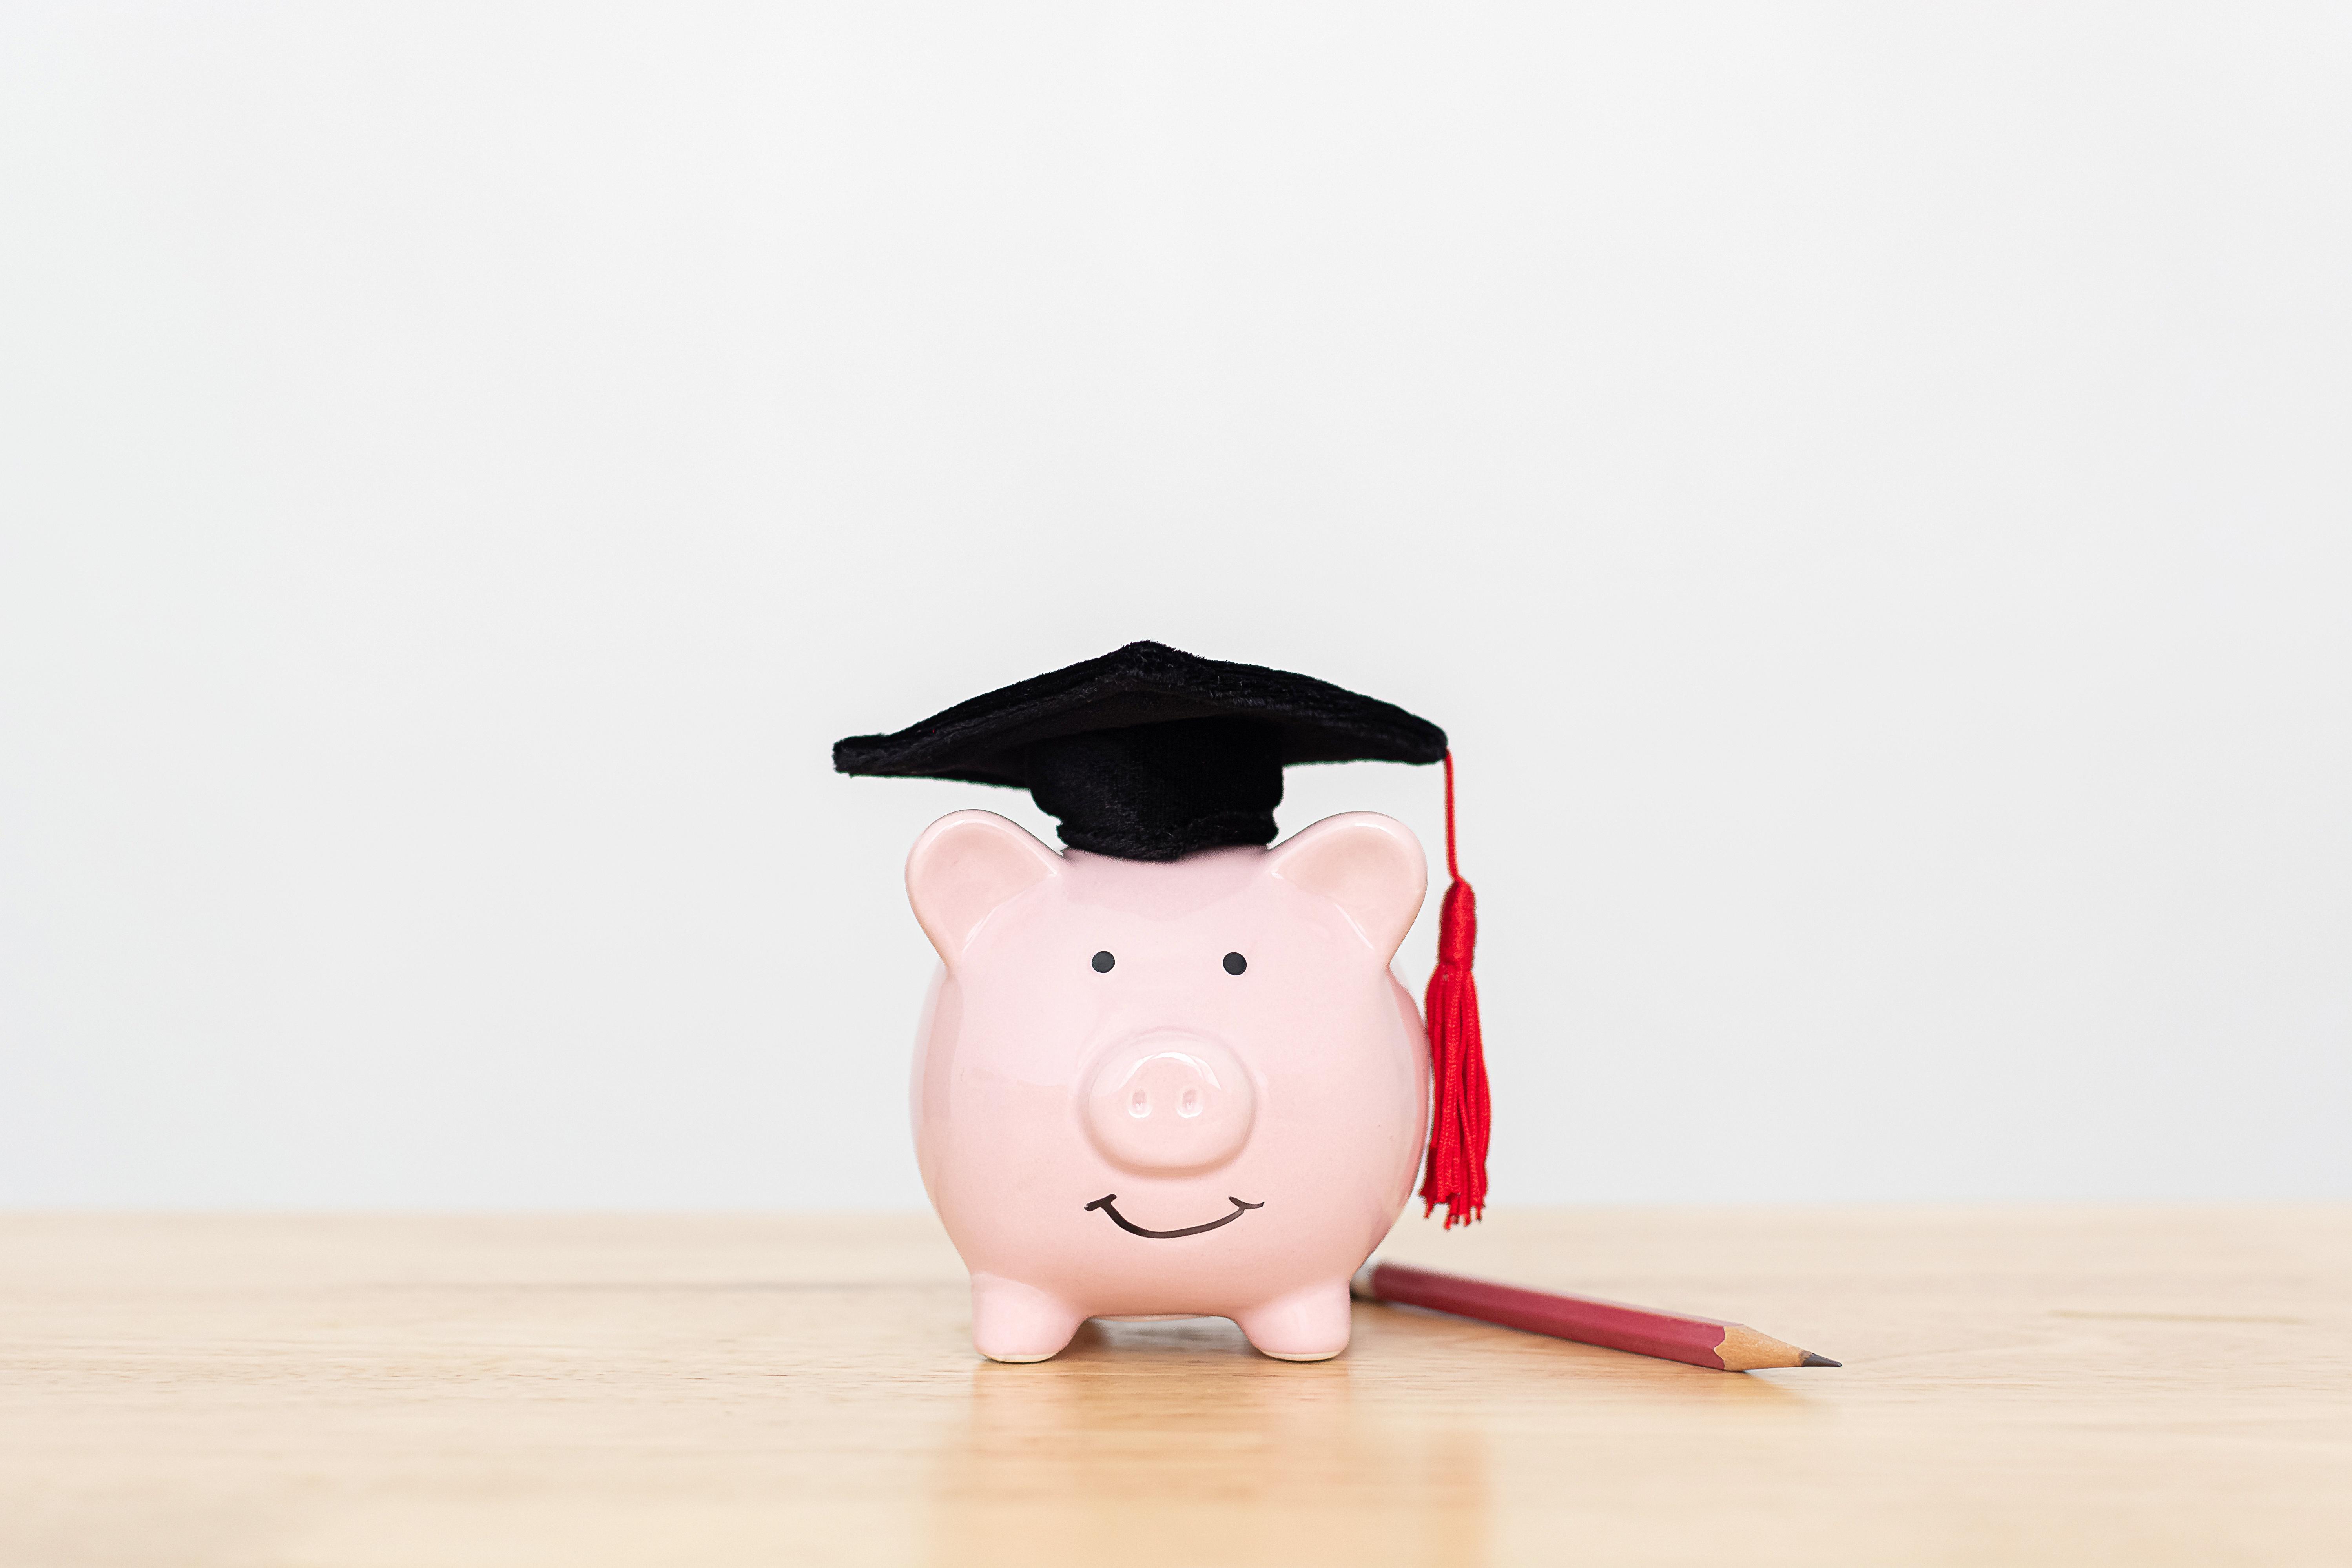 Ein rosafarbenes Sparschwein steht auf einer hellen Holzfläche. Es hat zwei schwarze Augen und einen lachenden Mund aufgemalt. Auf dem Kopf trägt es eine Absolventenkappe. Neben ihm liegt ein Holzbleistift.